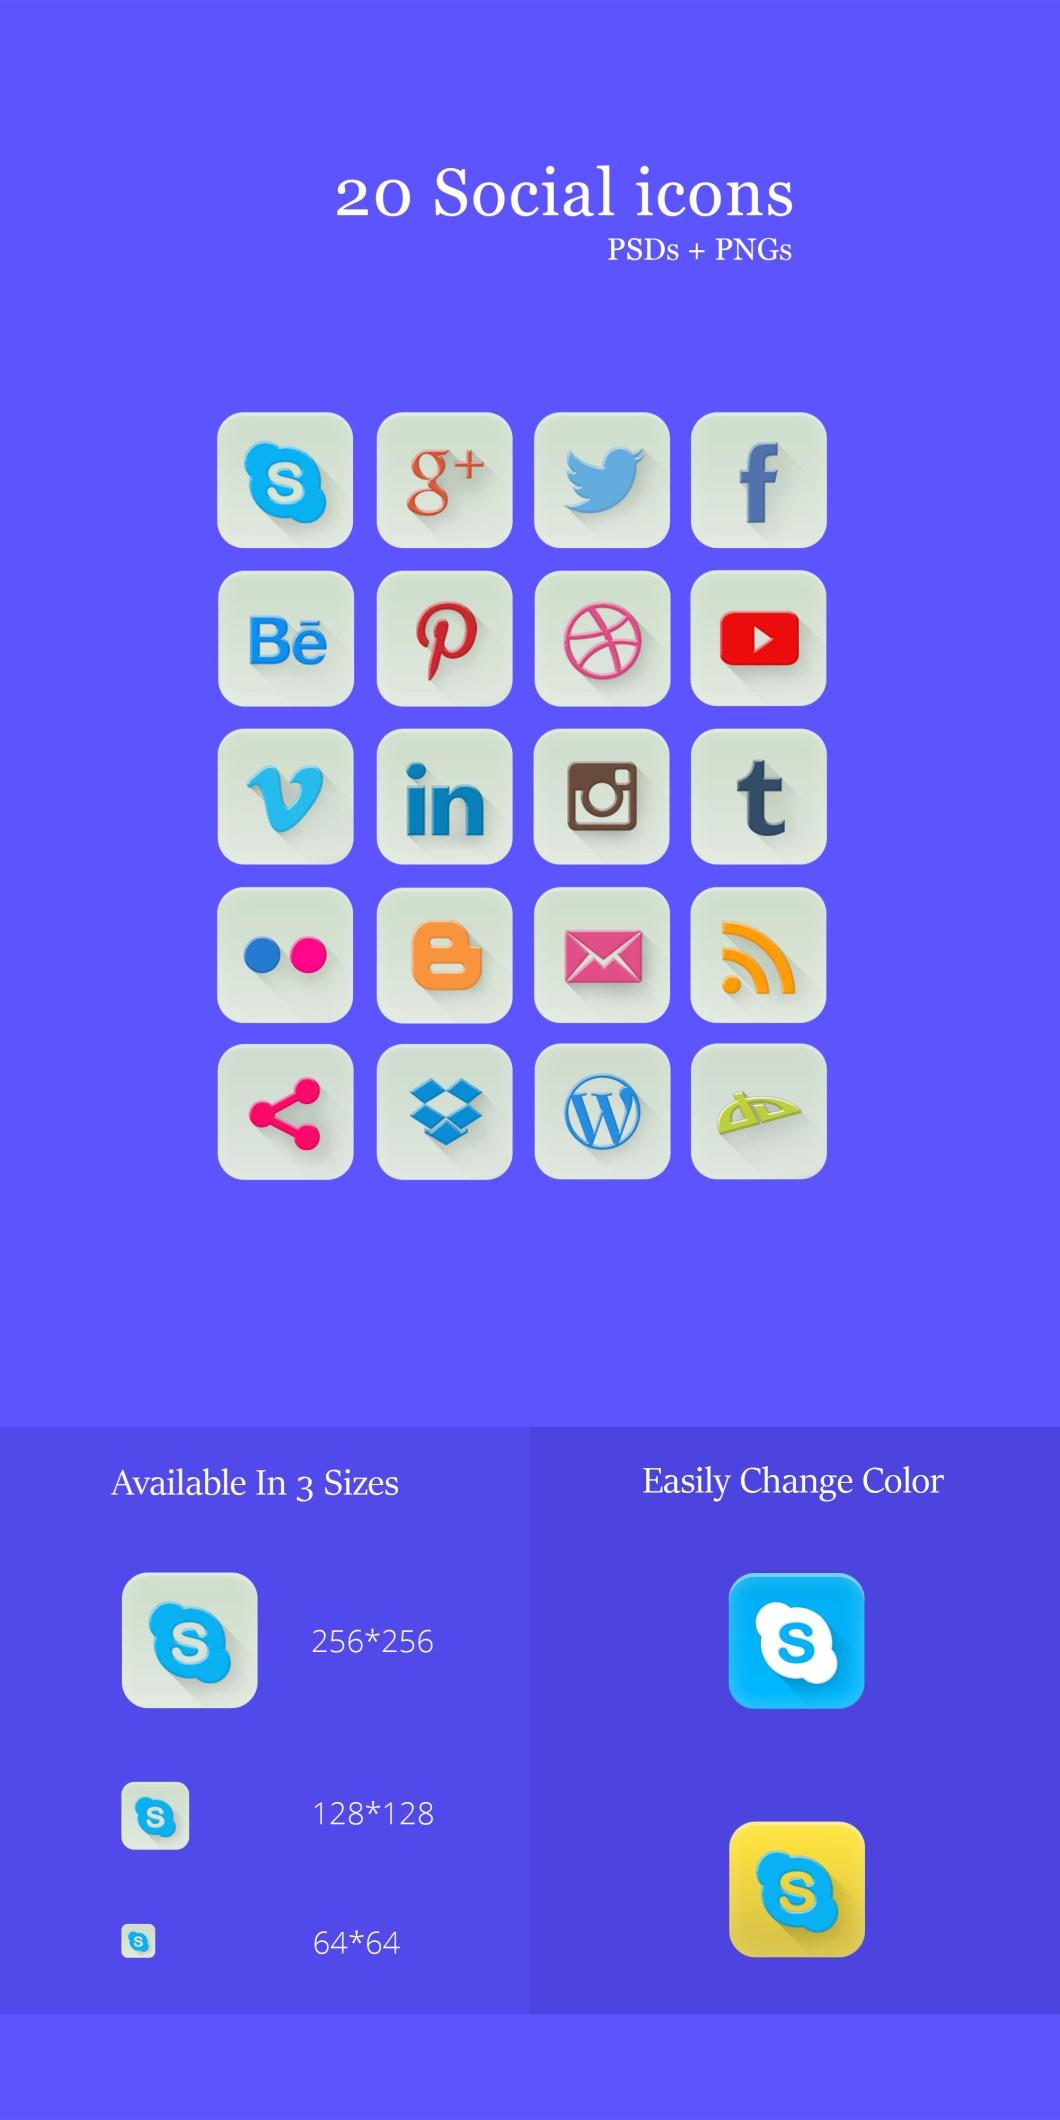 20 Social Icons